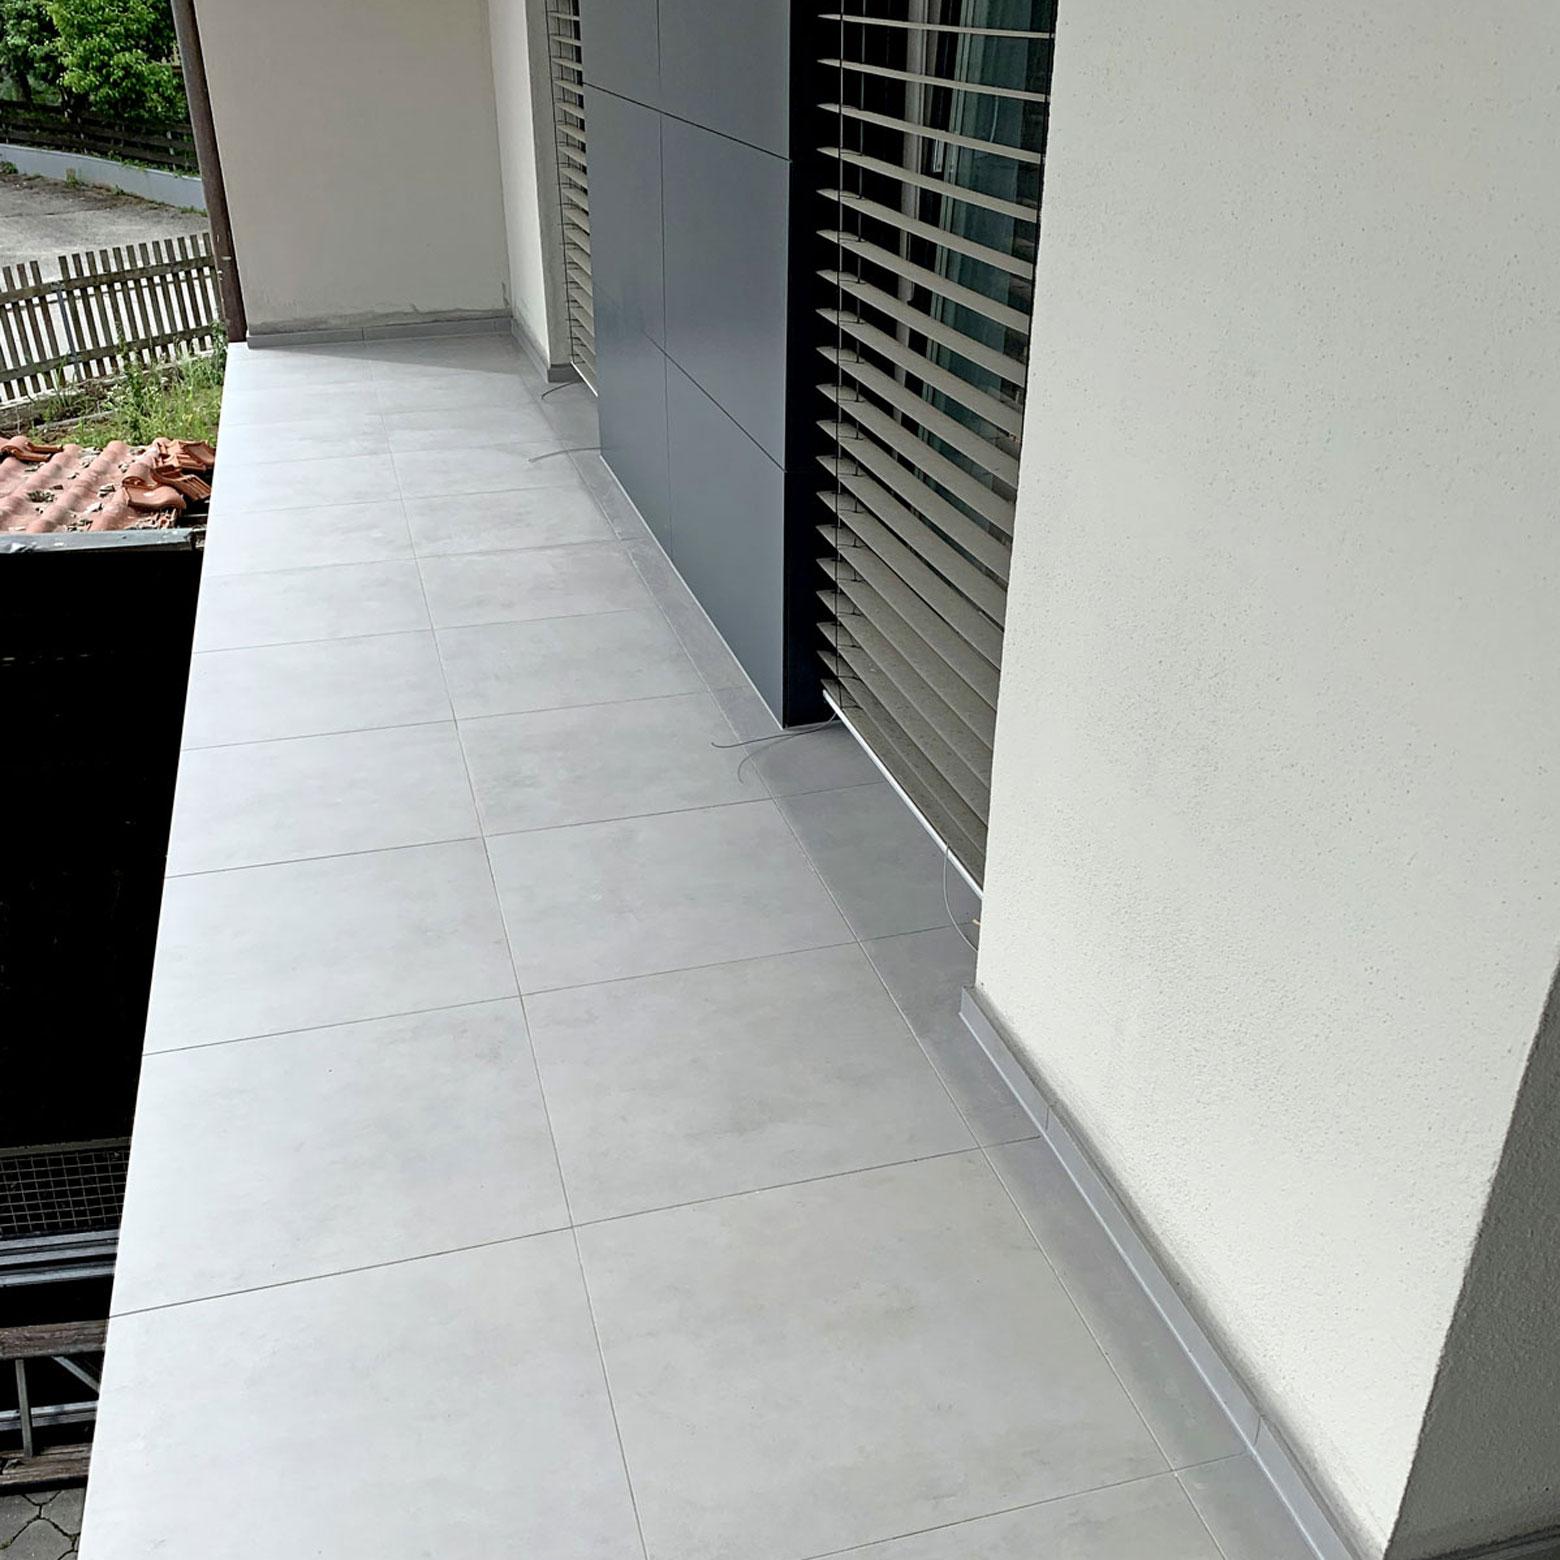 Inzwischen ist die Terrasse mit großformatigem Feinsteinzeug belegt und zeigt eine einwandfreie Funktion.